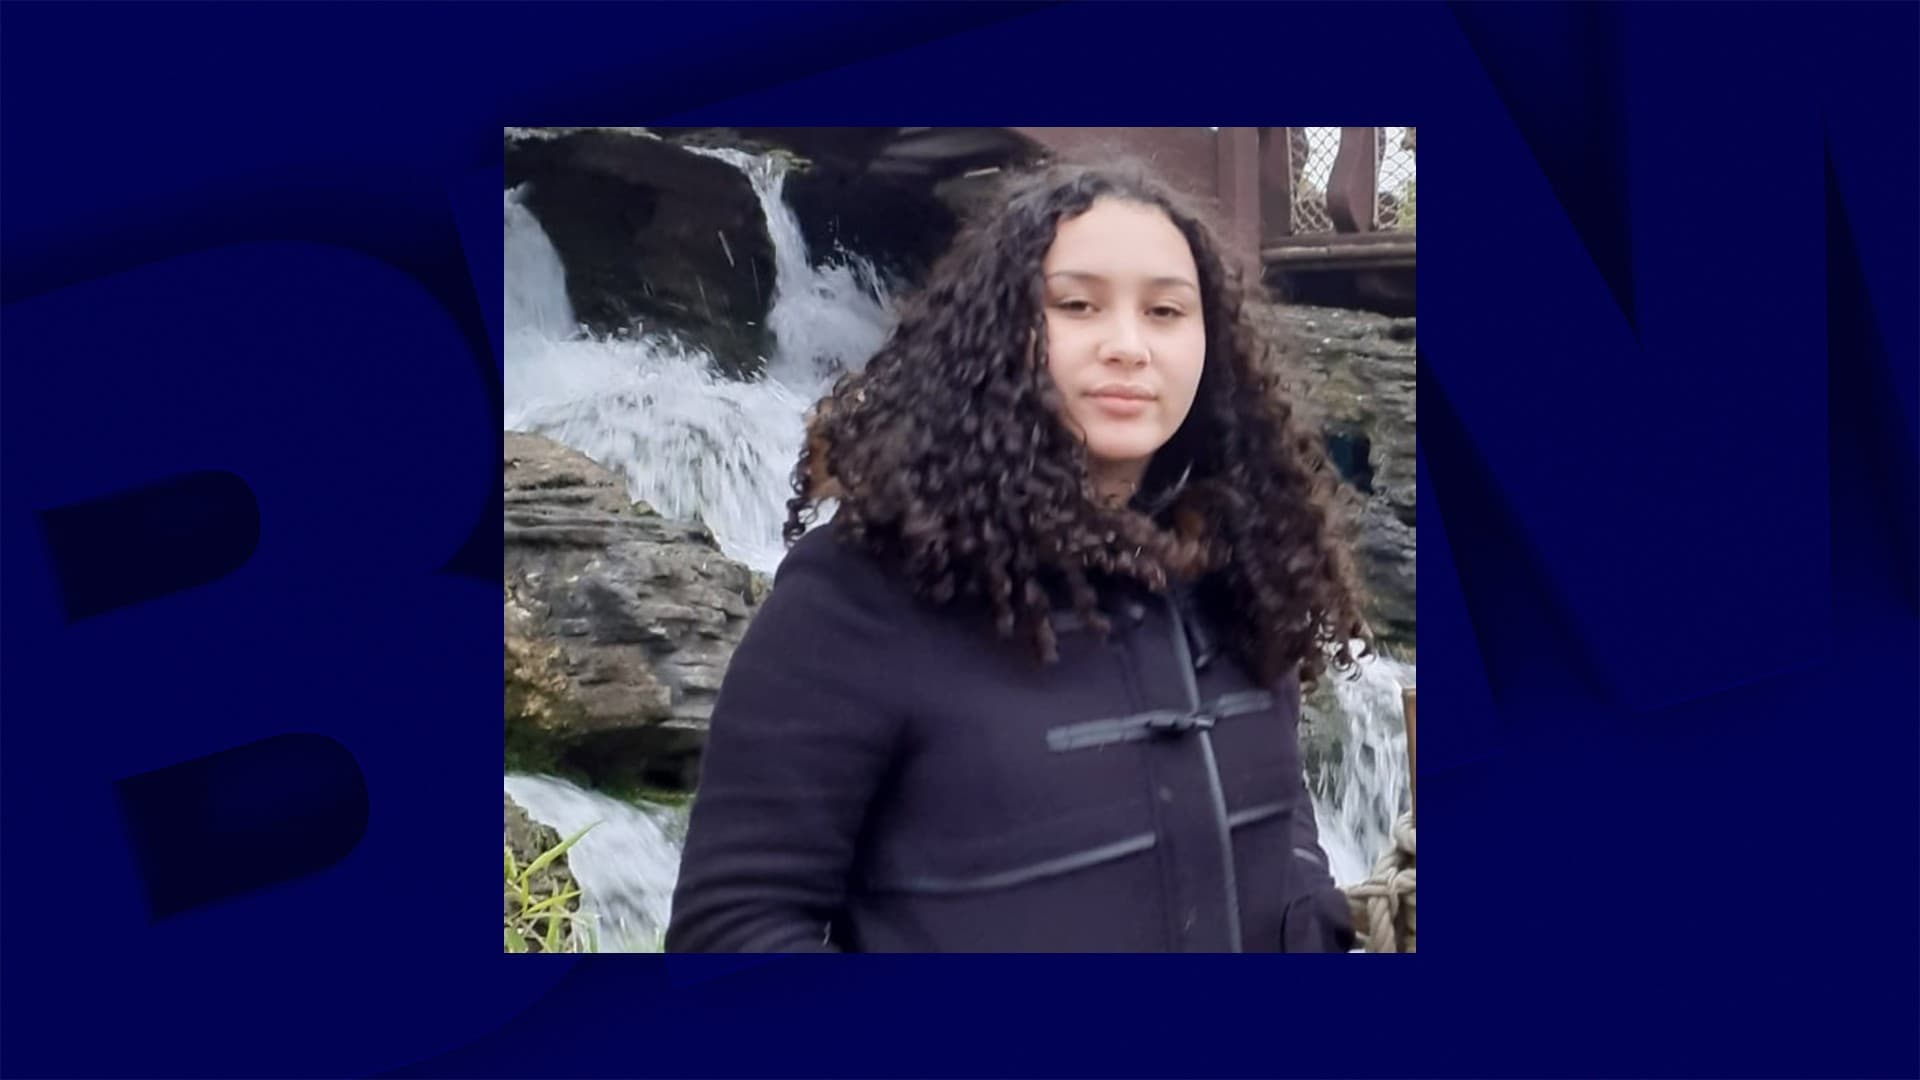 Appel à témoins après la disparition d'une jeune fille de 15 ans en Haute-Garonne